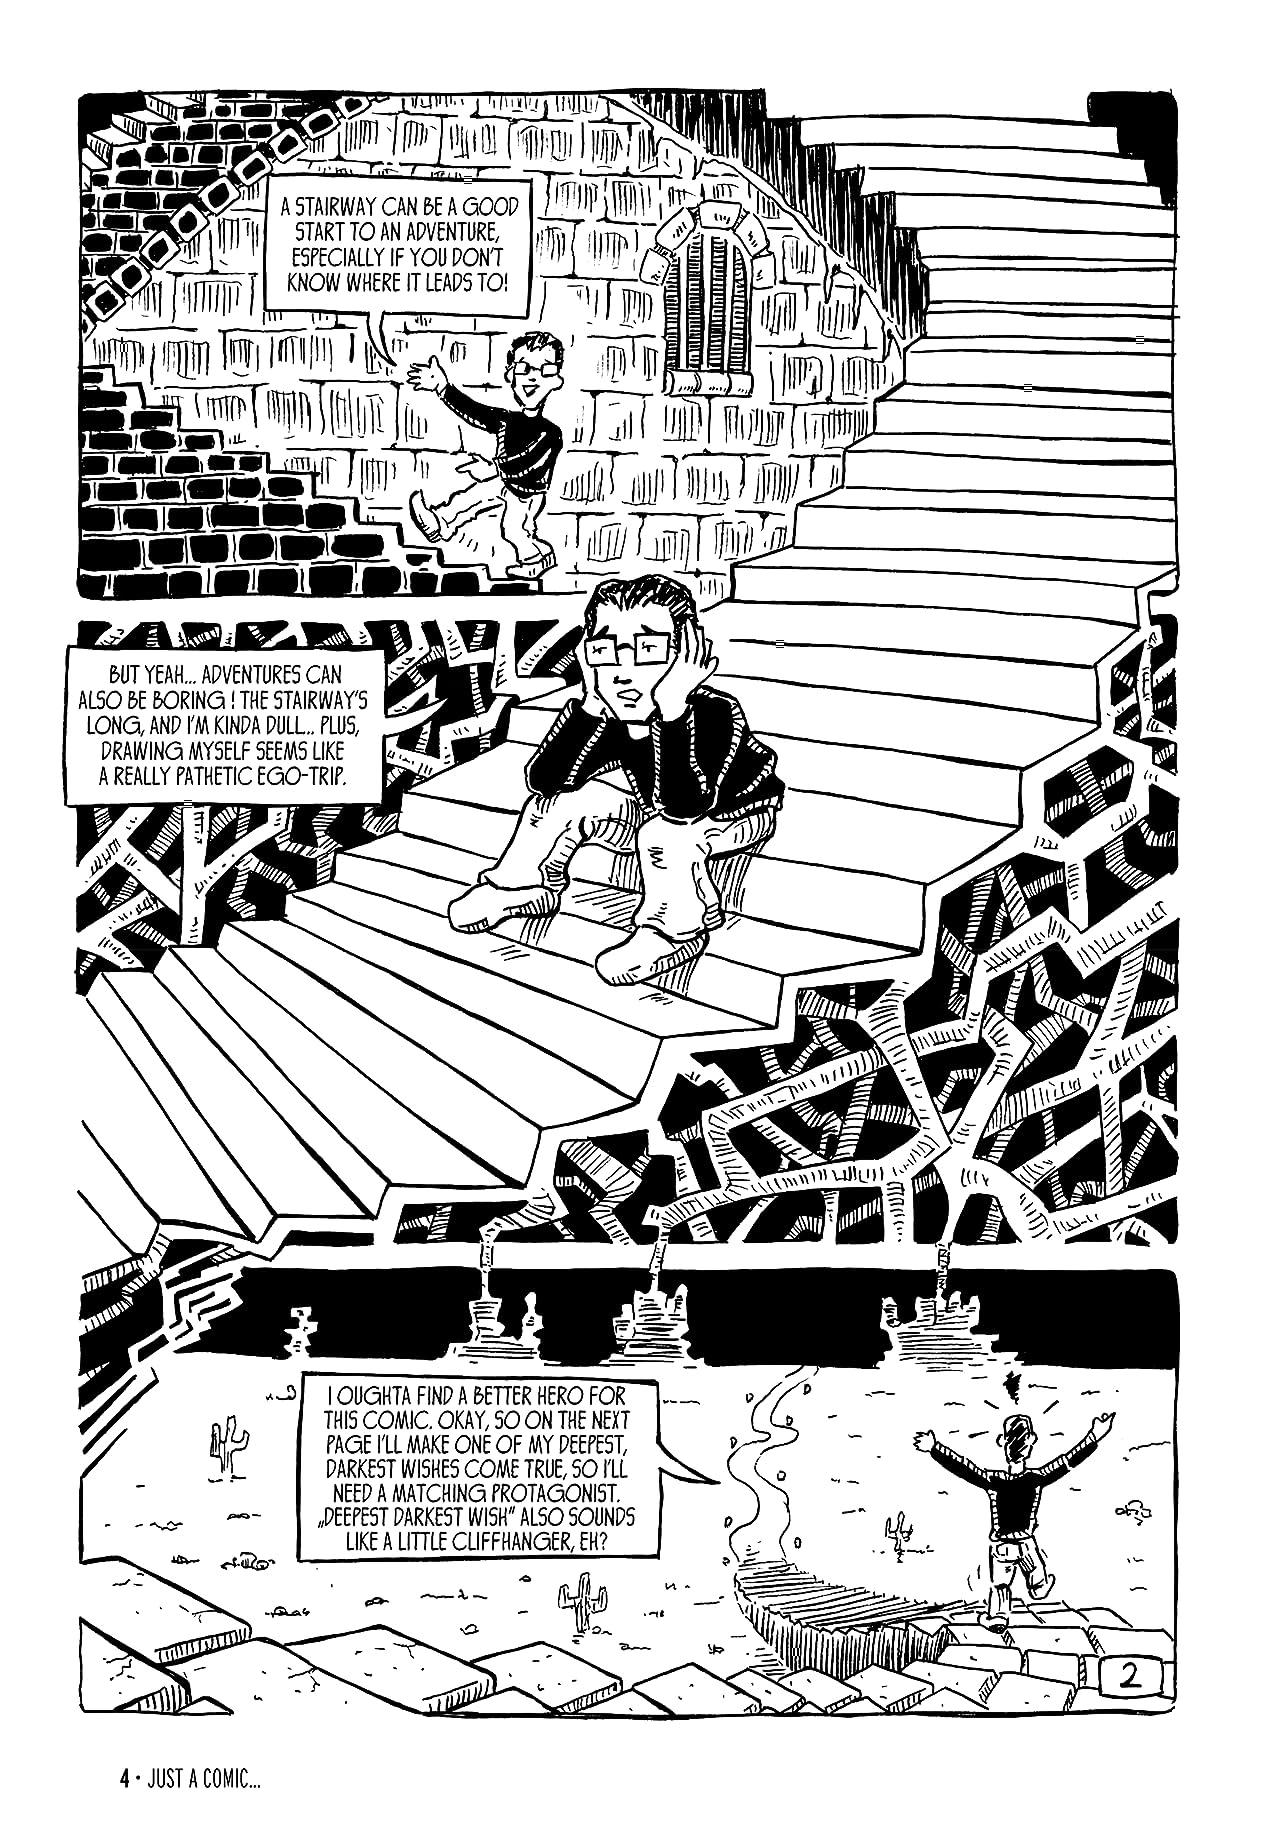 Just a comic... #1